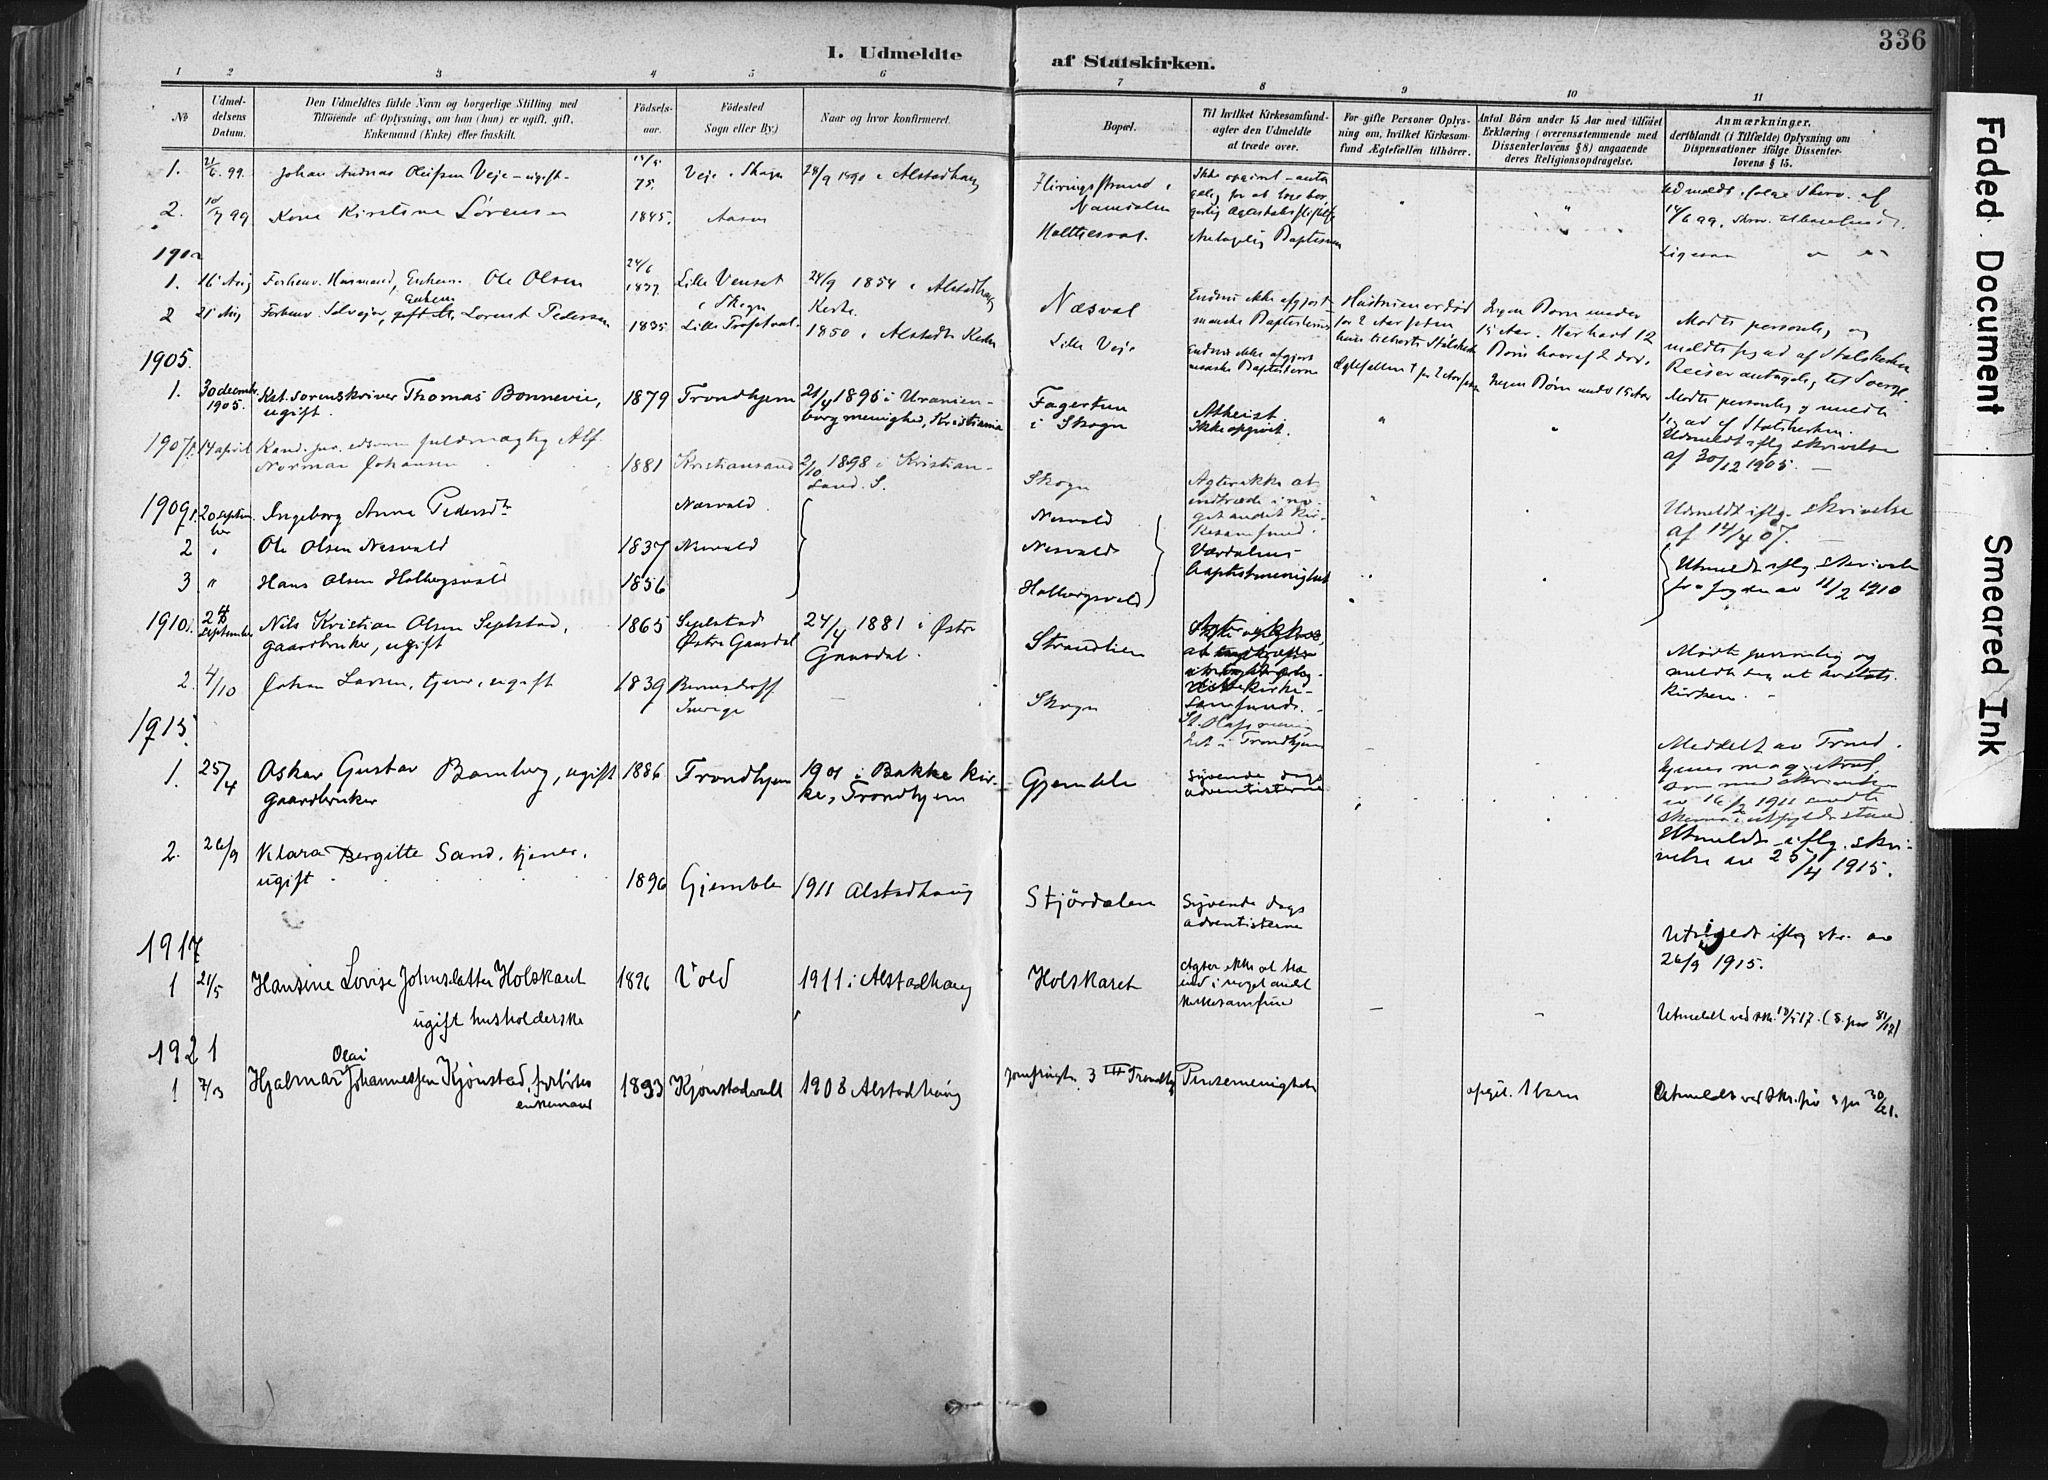 SAT, Ministerialprotokoller, klokkerbøker og fødselsregistre - Nord-Trøndelag, 717/L0162: Ministerialbok nr. 717A12, 1898-1923, s. 336